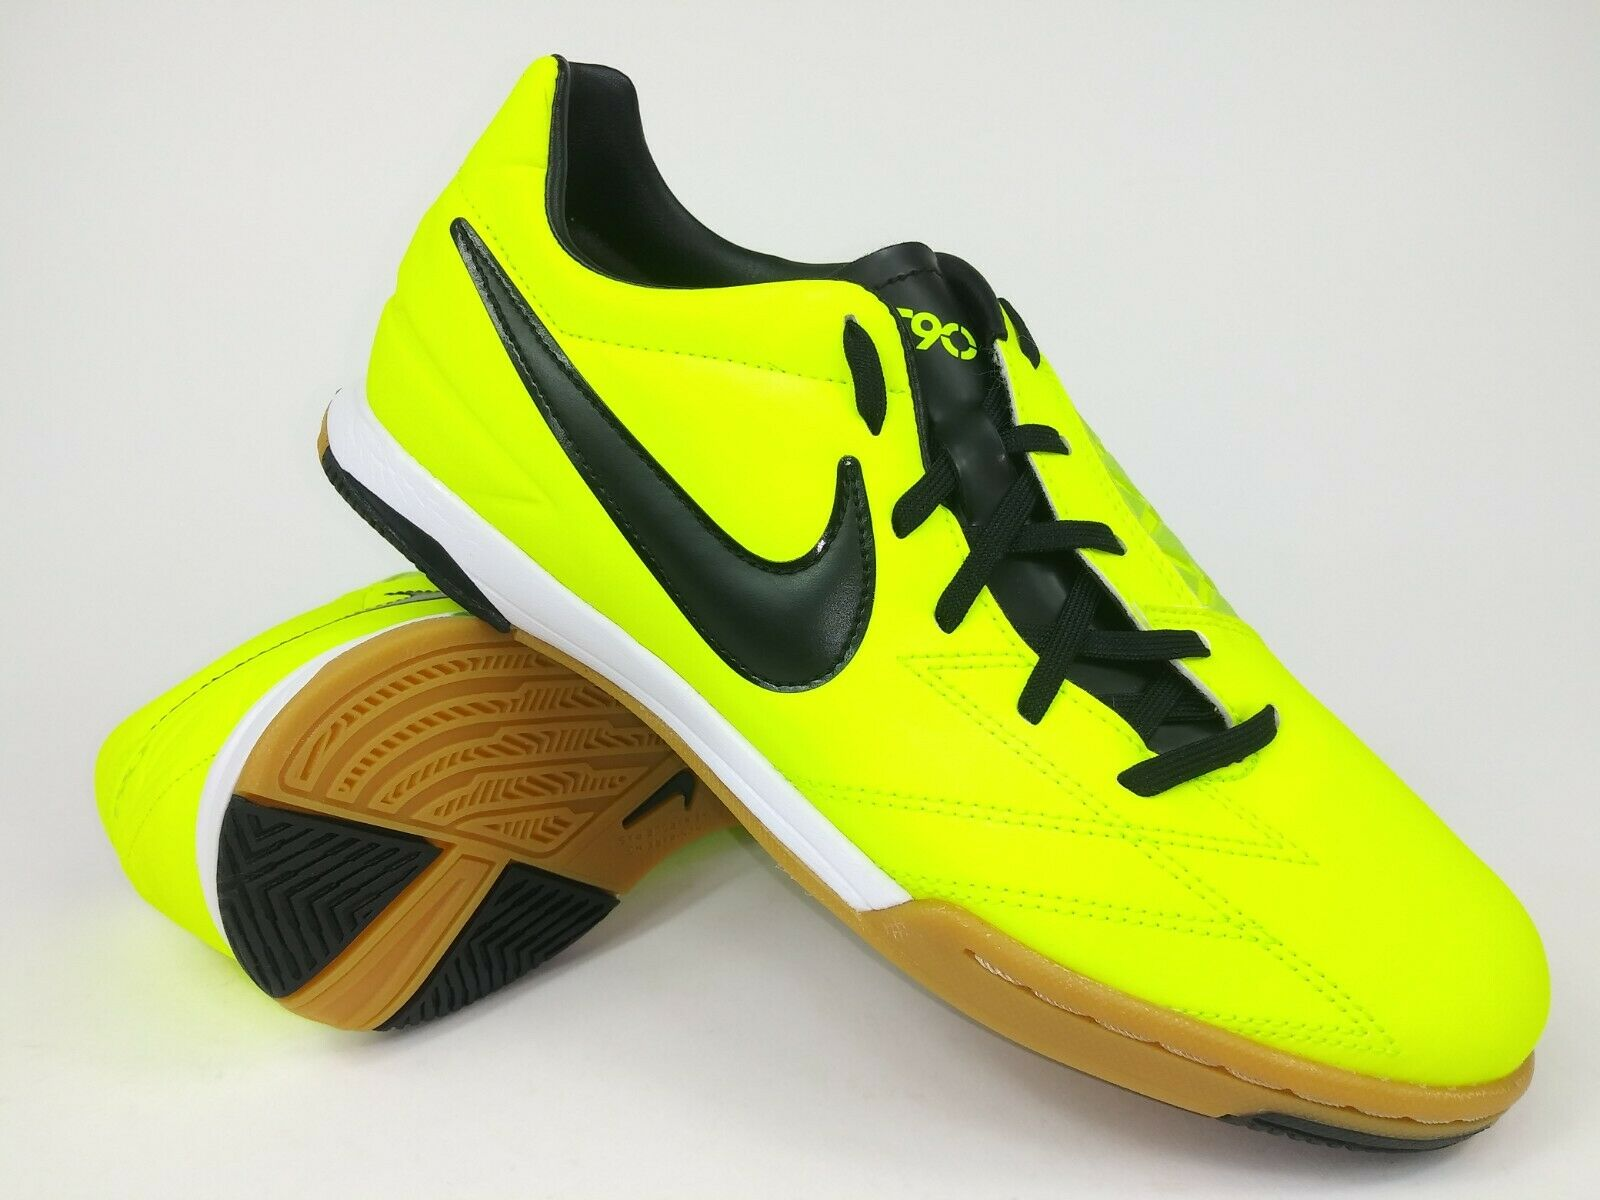 Nike Hombre Raro T90 disparar IV IC 472558-703 verde fútbol indoor zapatos talla 8.5